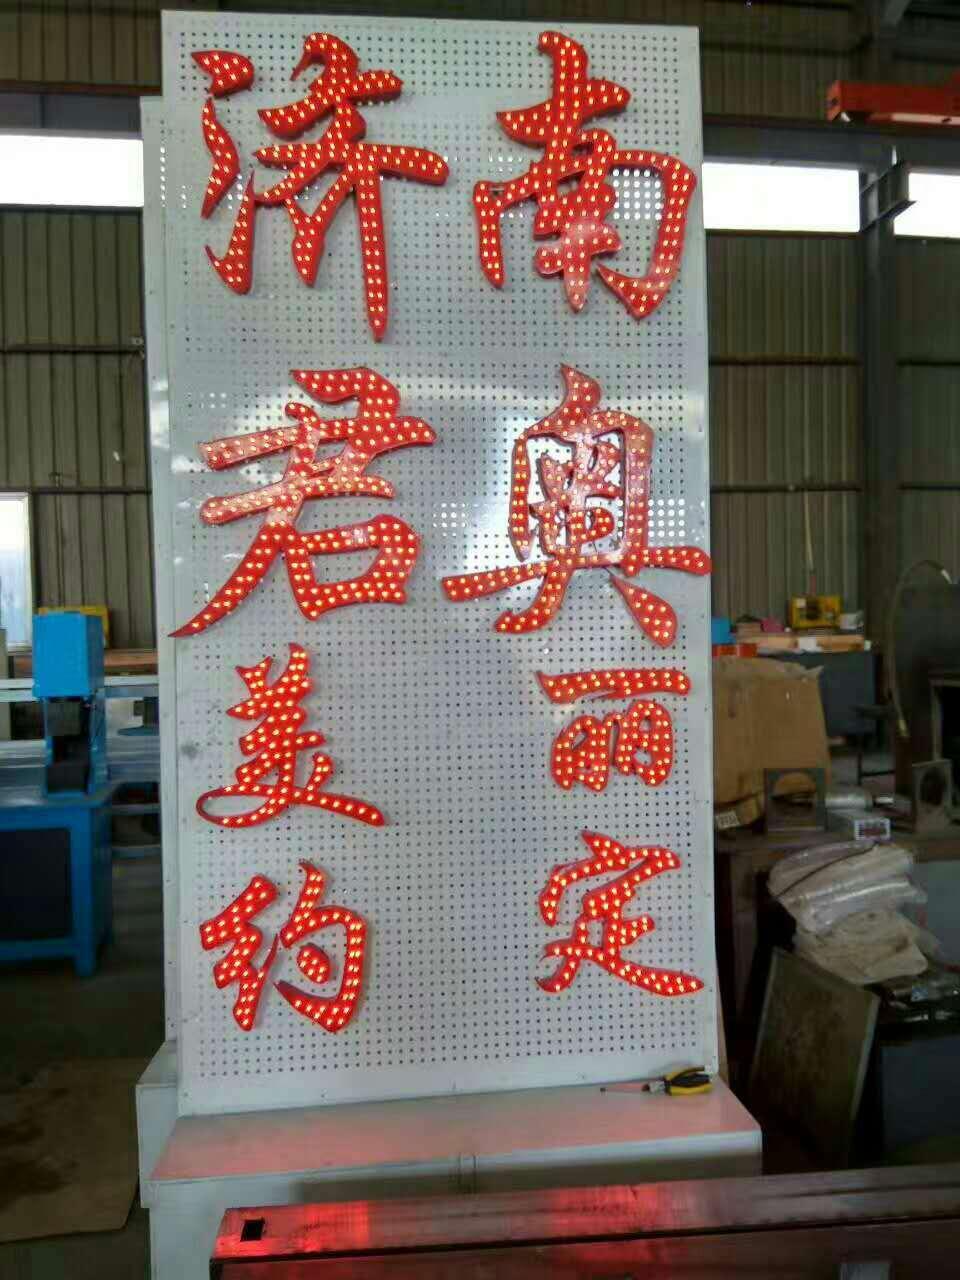 铁皮字冲割一体机济南君奥自主研发生产专业加工冲孔字